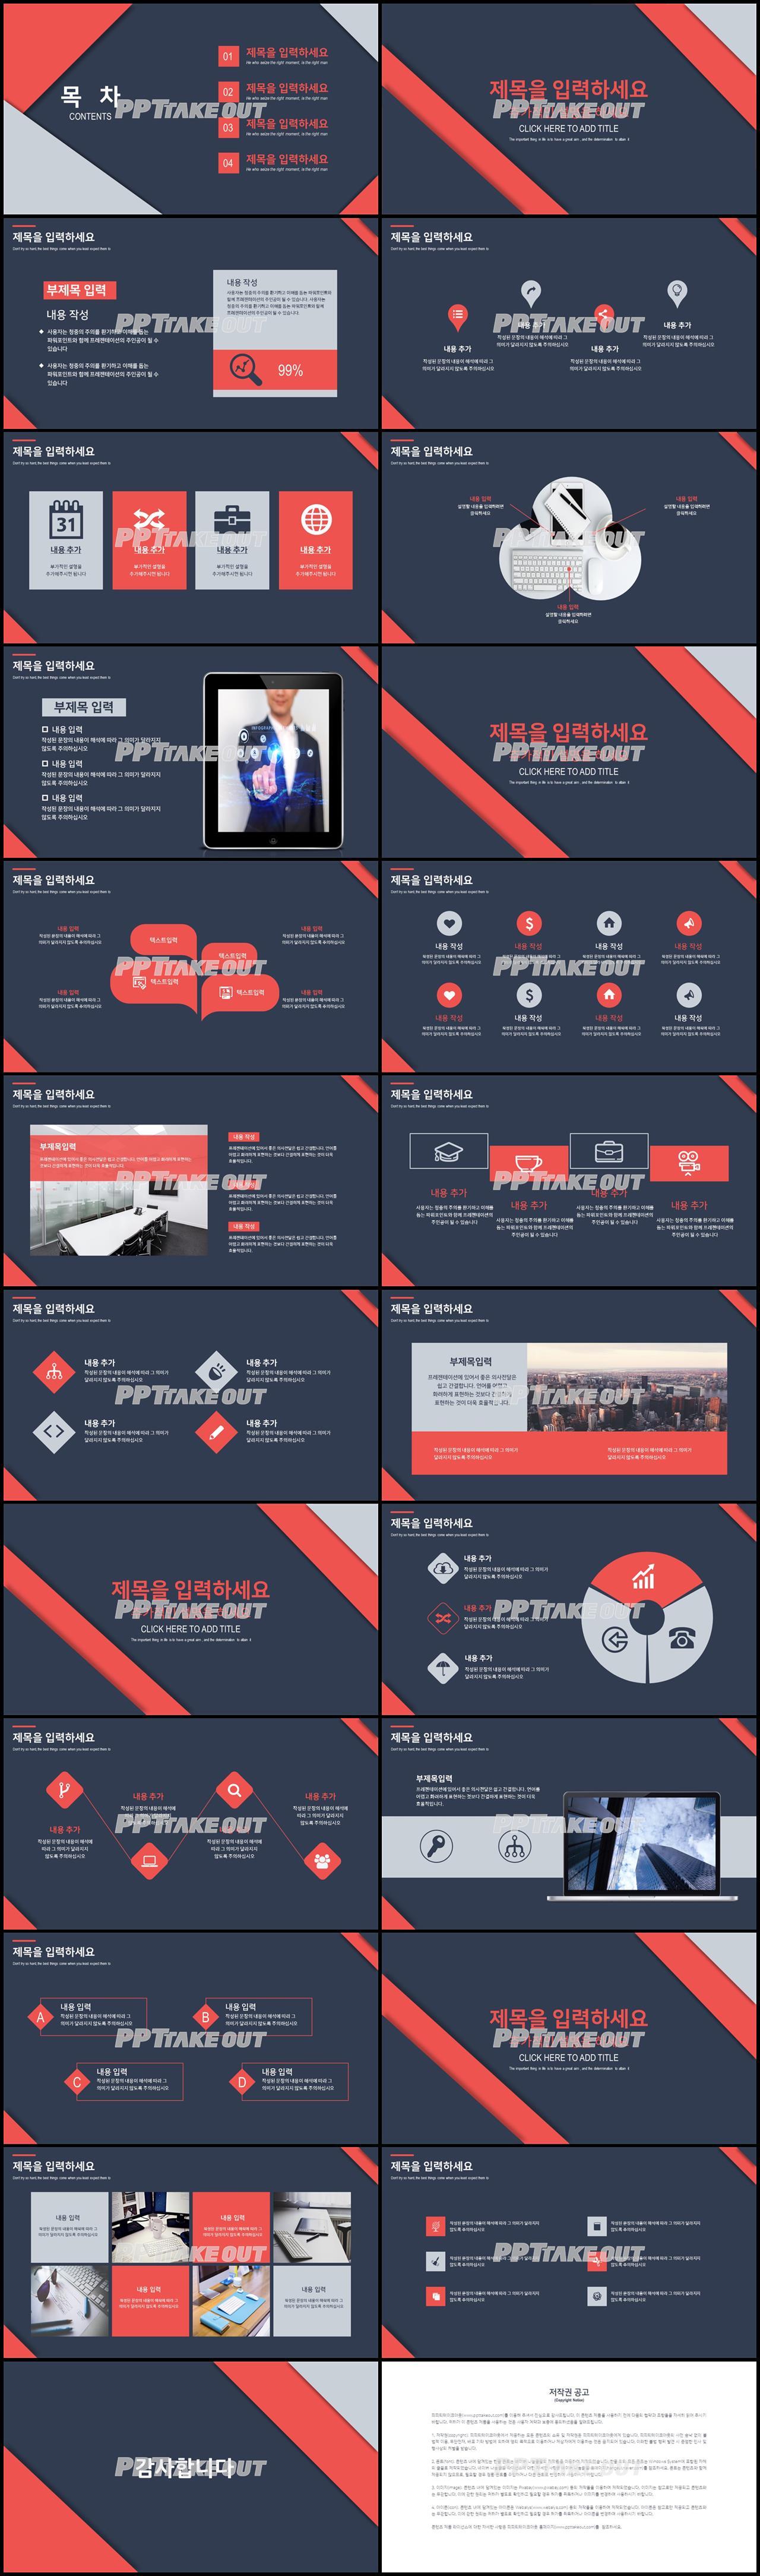 홍보마케팅 붉은색 짙은 멋진 파워포인트배경 다운로드 상세보기